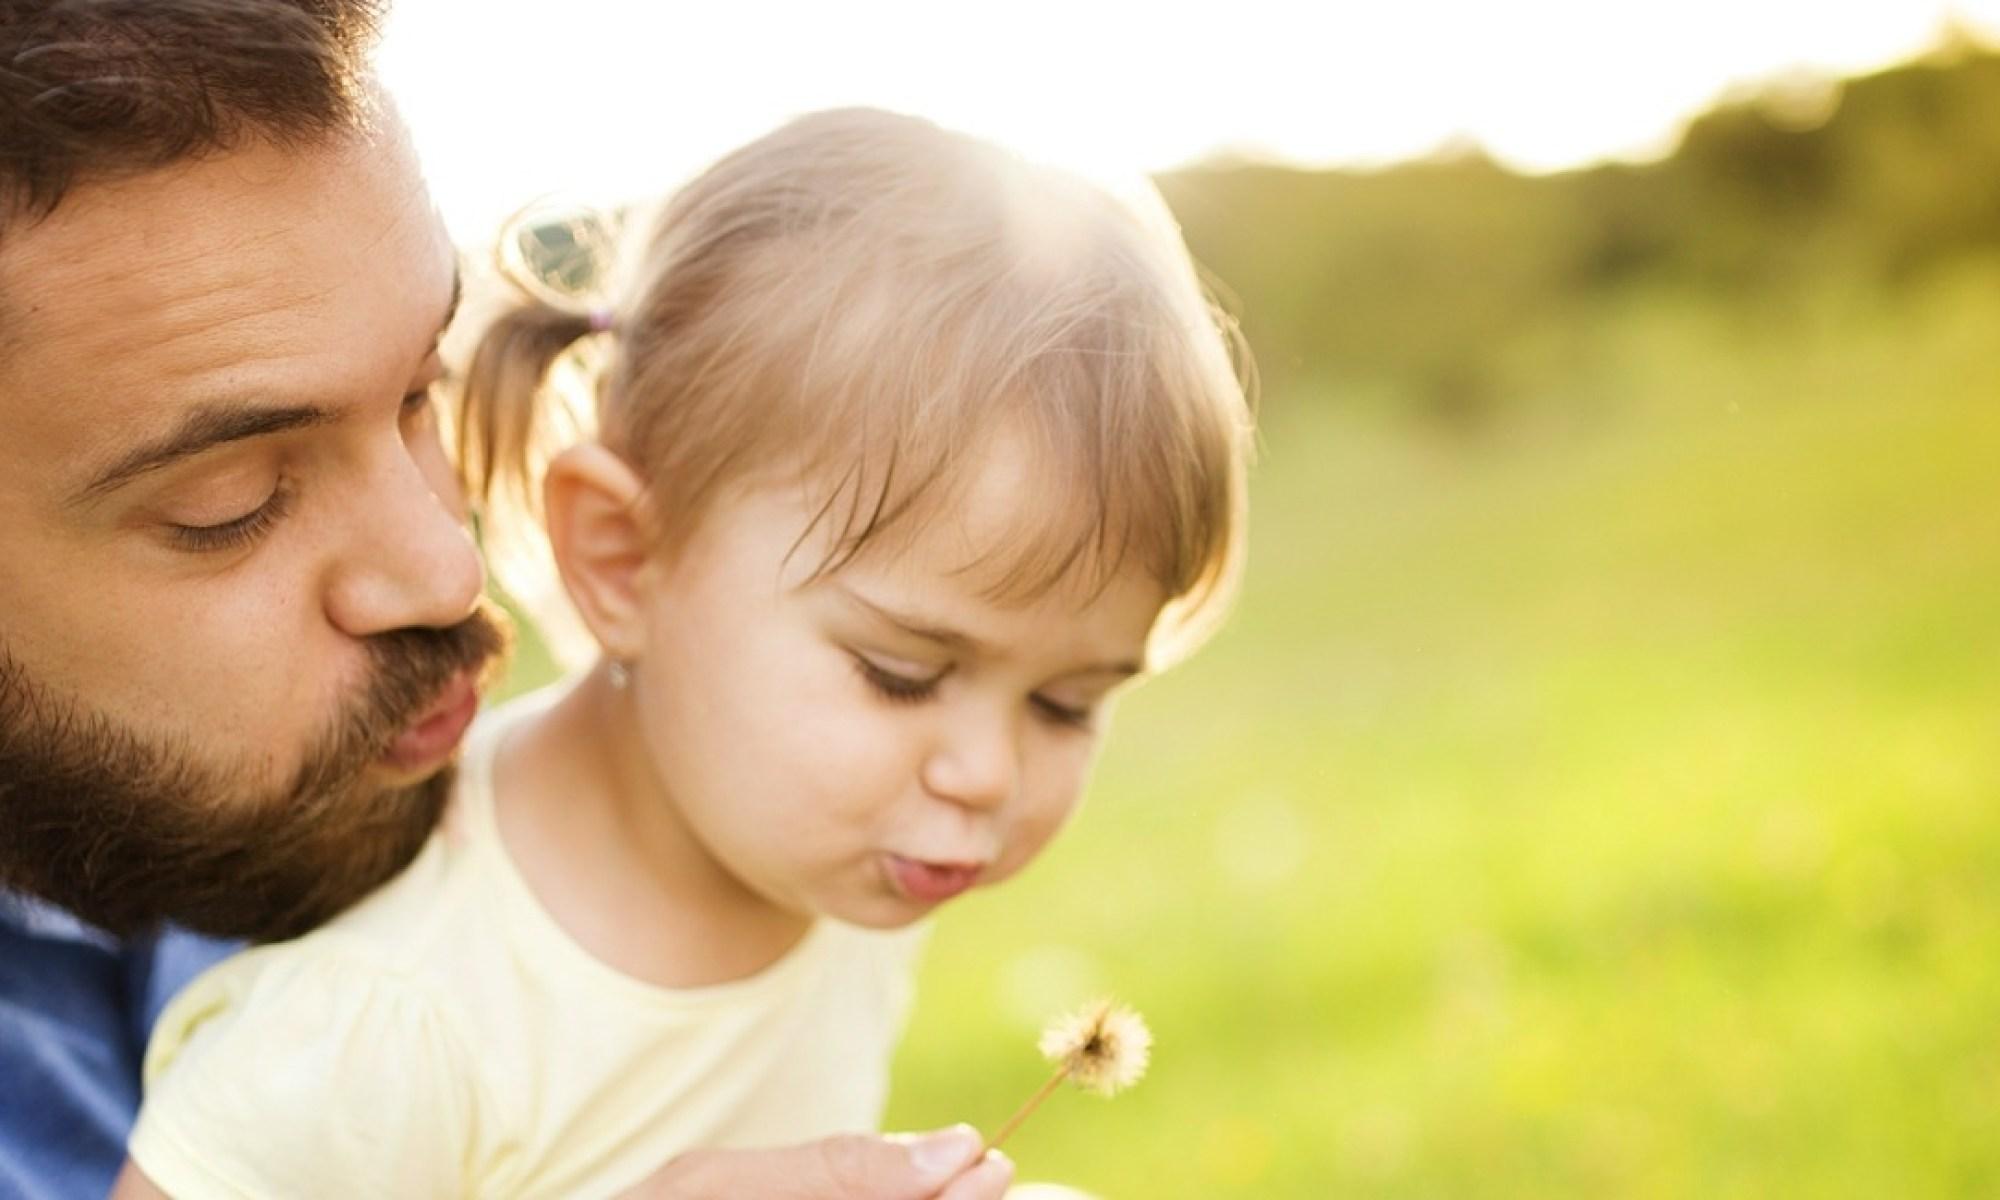 Tips For Fathers Seeking Custody